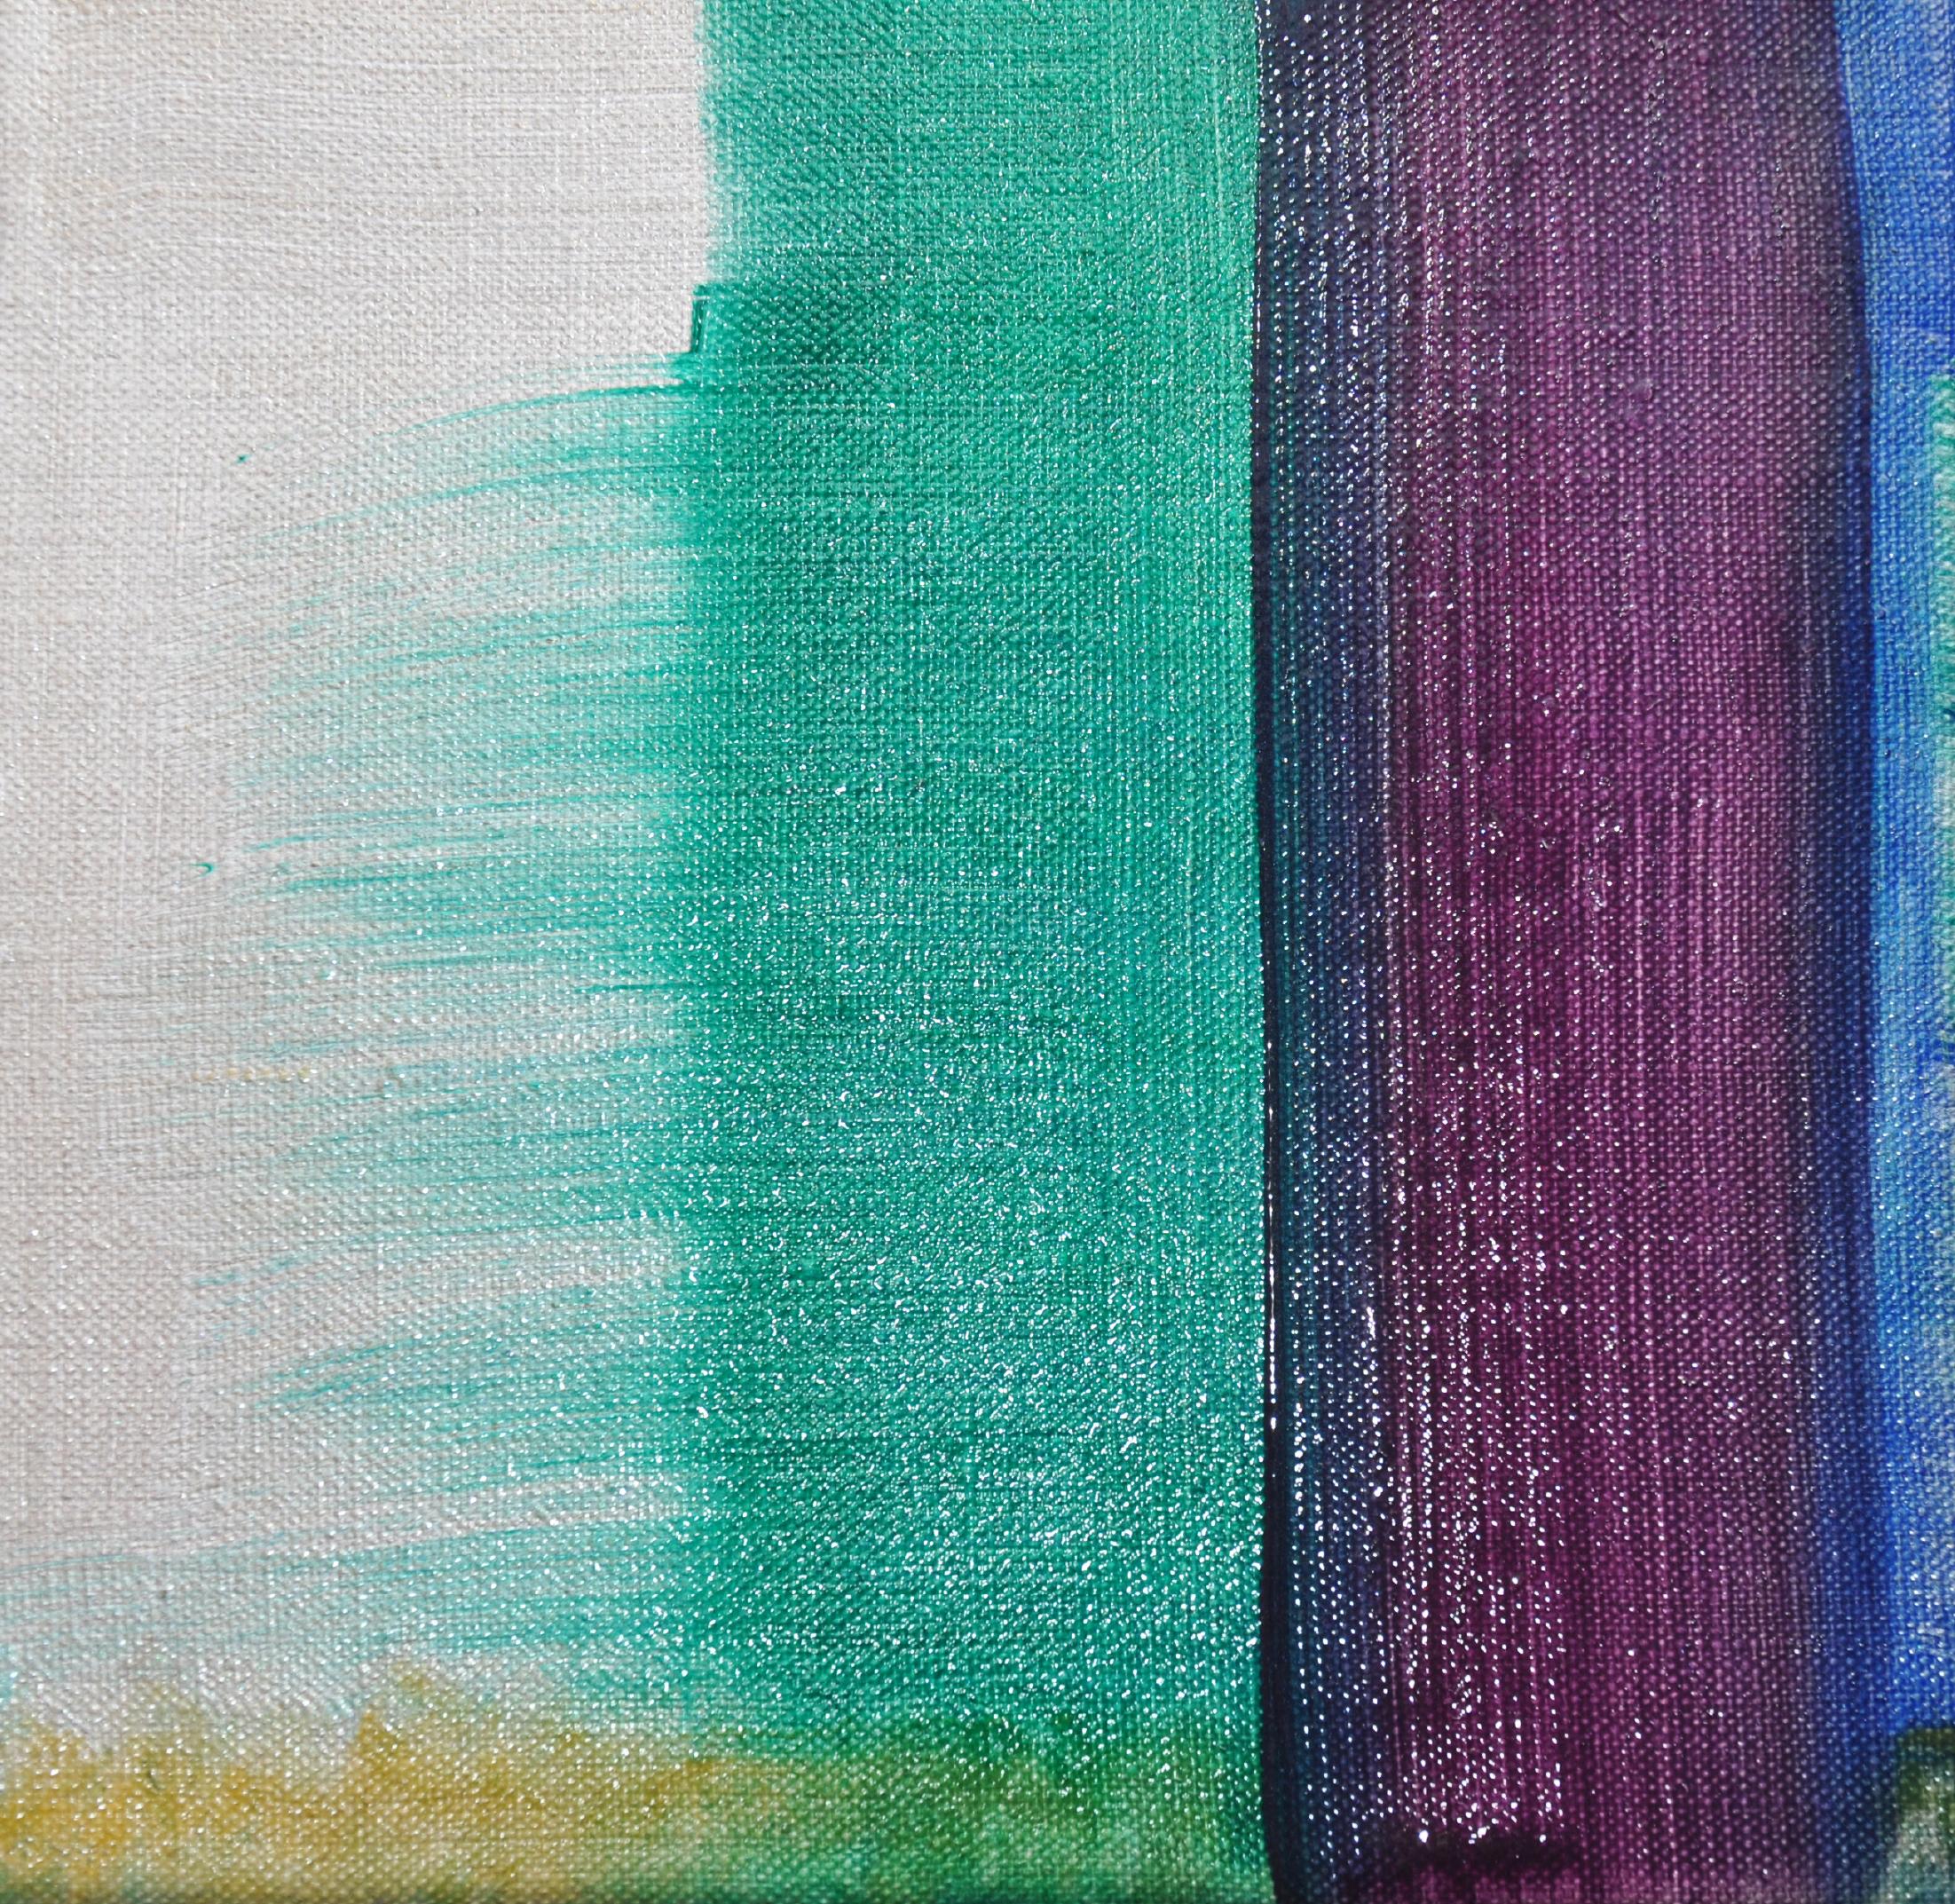 oil paintings 8 of 12.jpg